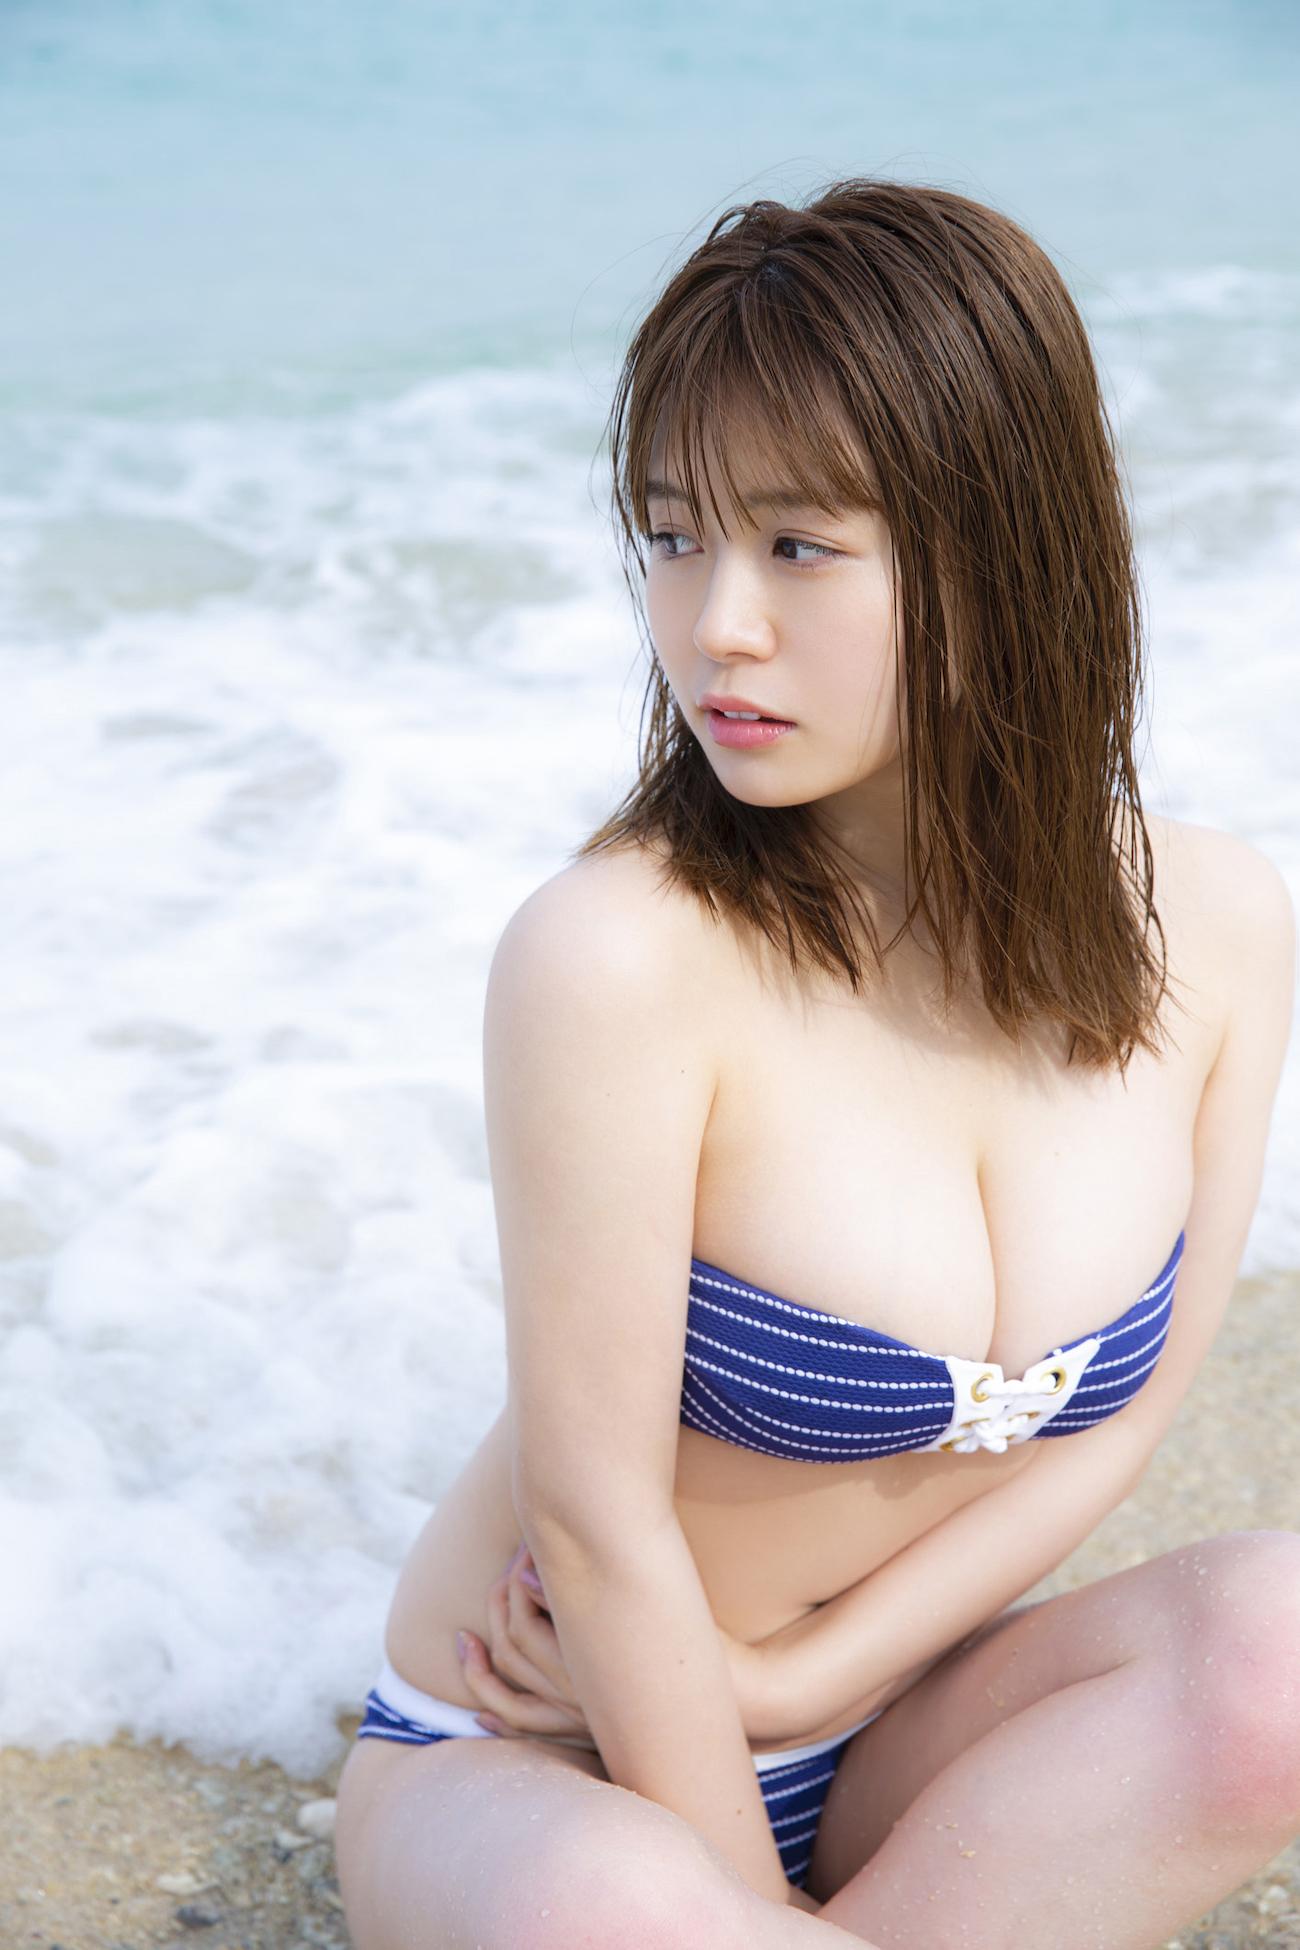 井口 綾子(いのくち あやこ)グラビア 水着